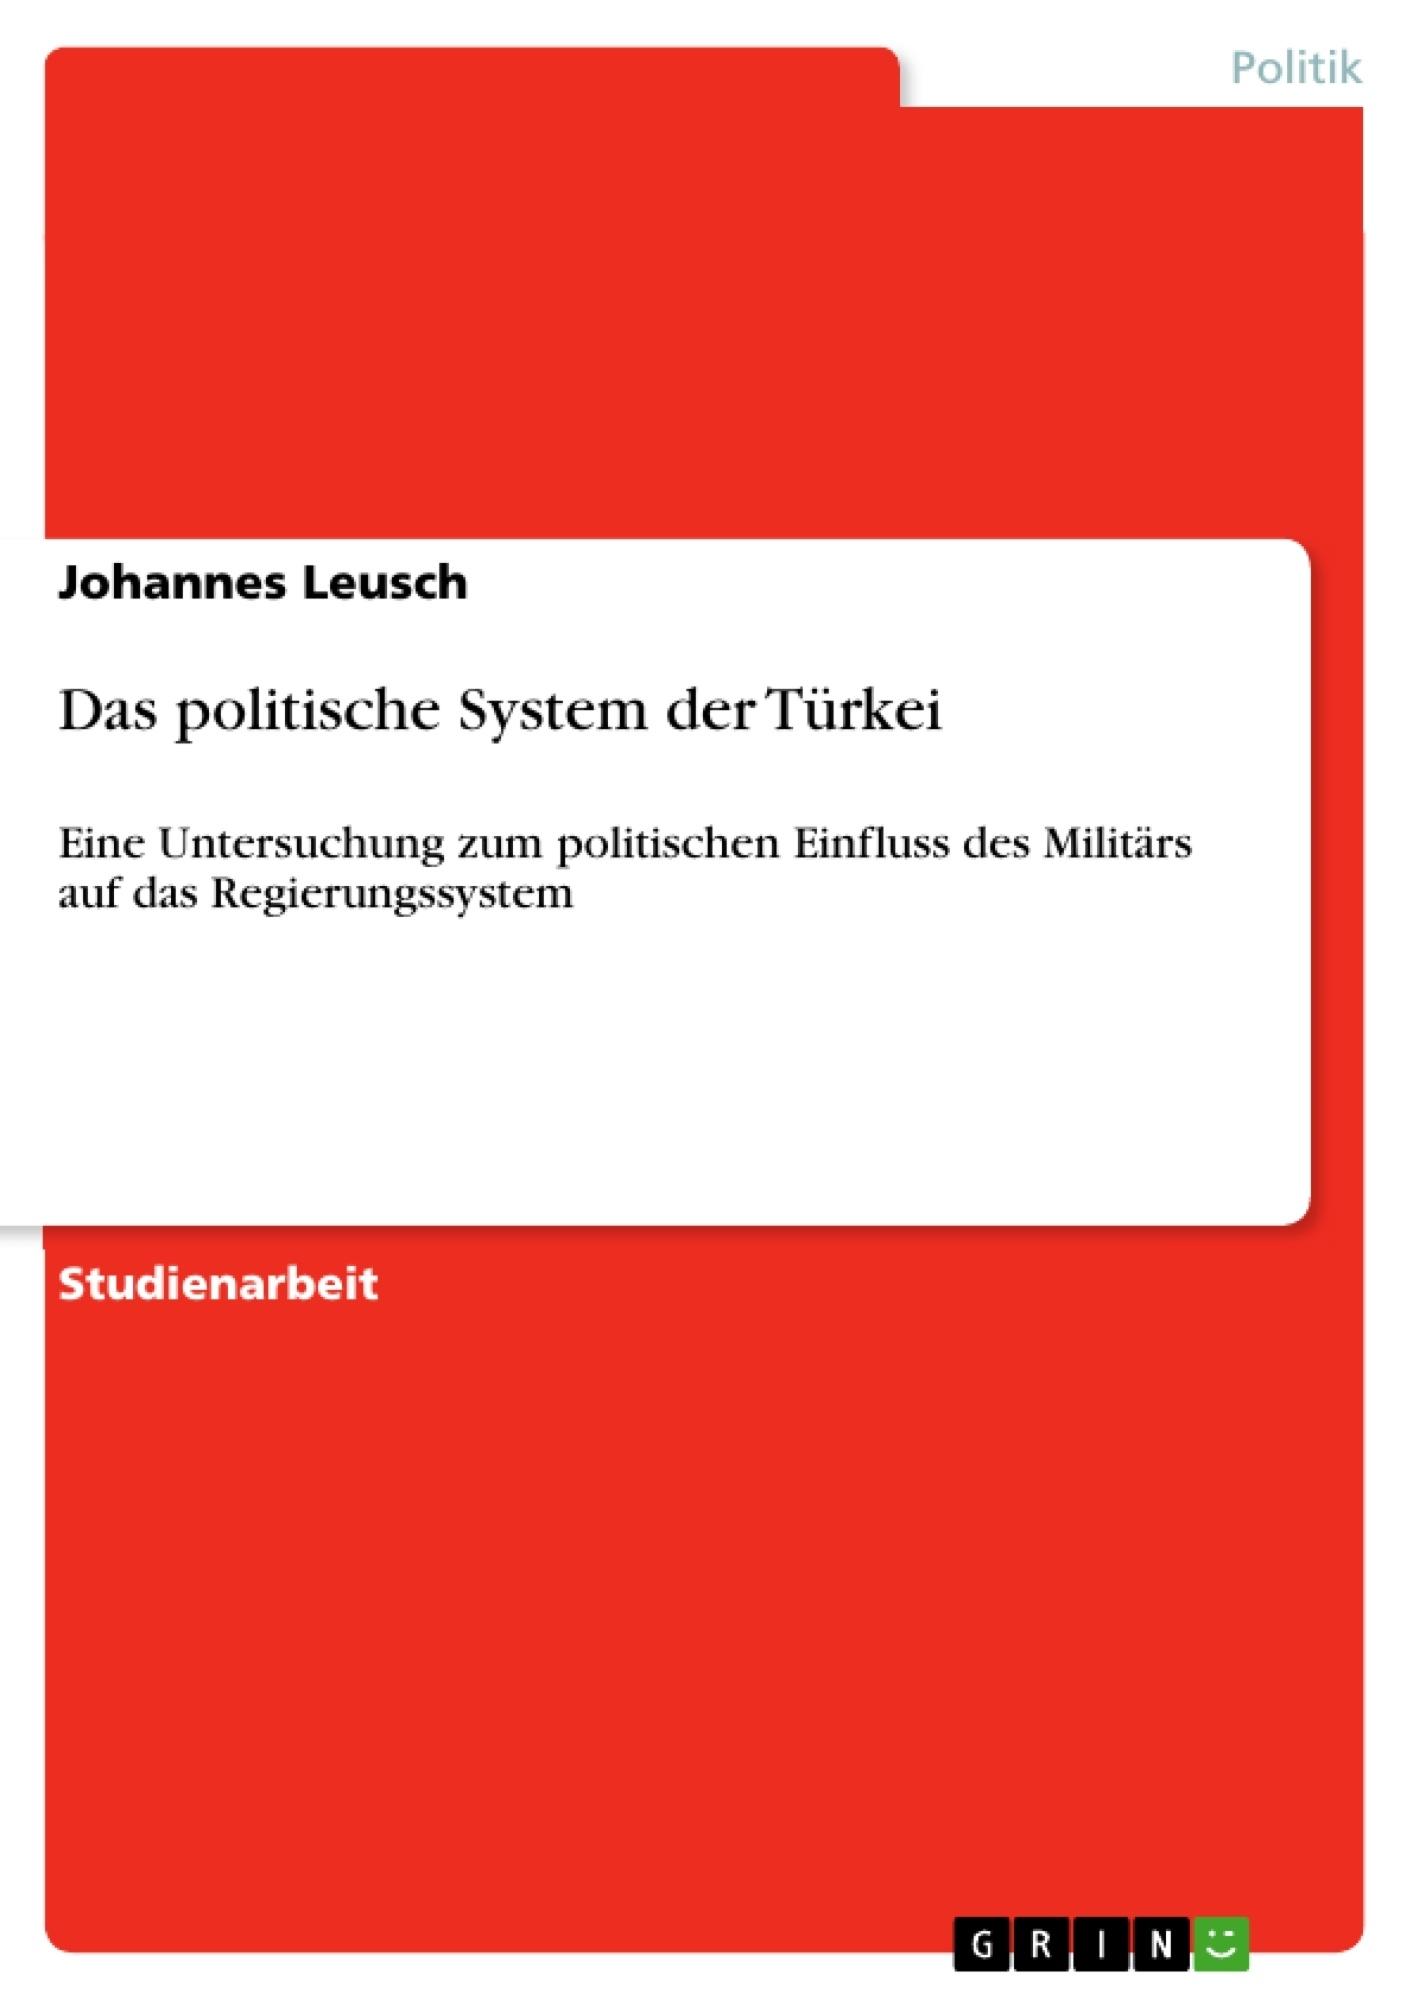 Titel: Das politische System der Türkei